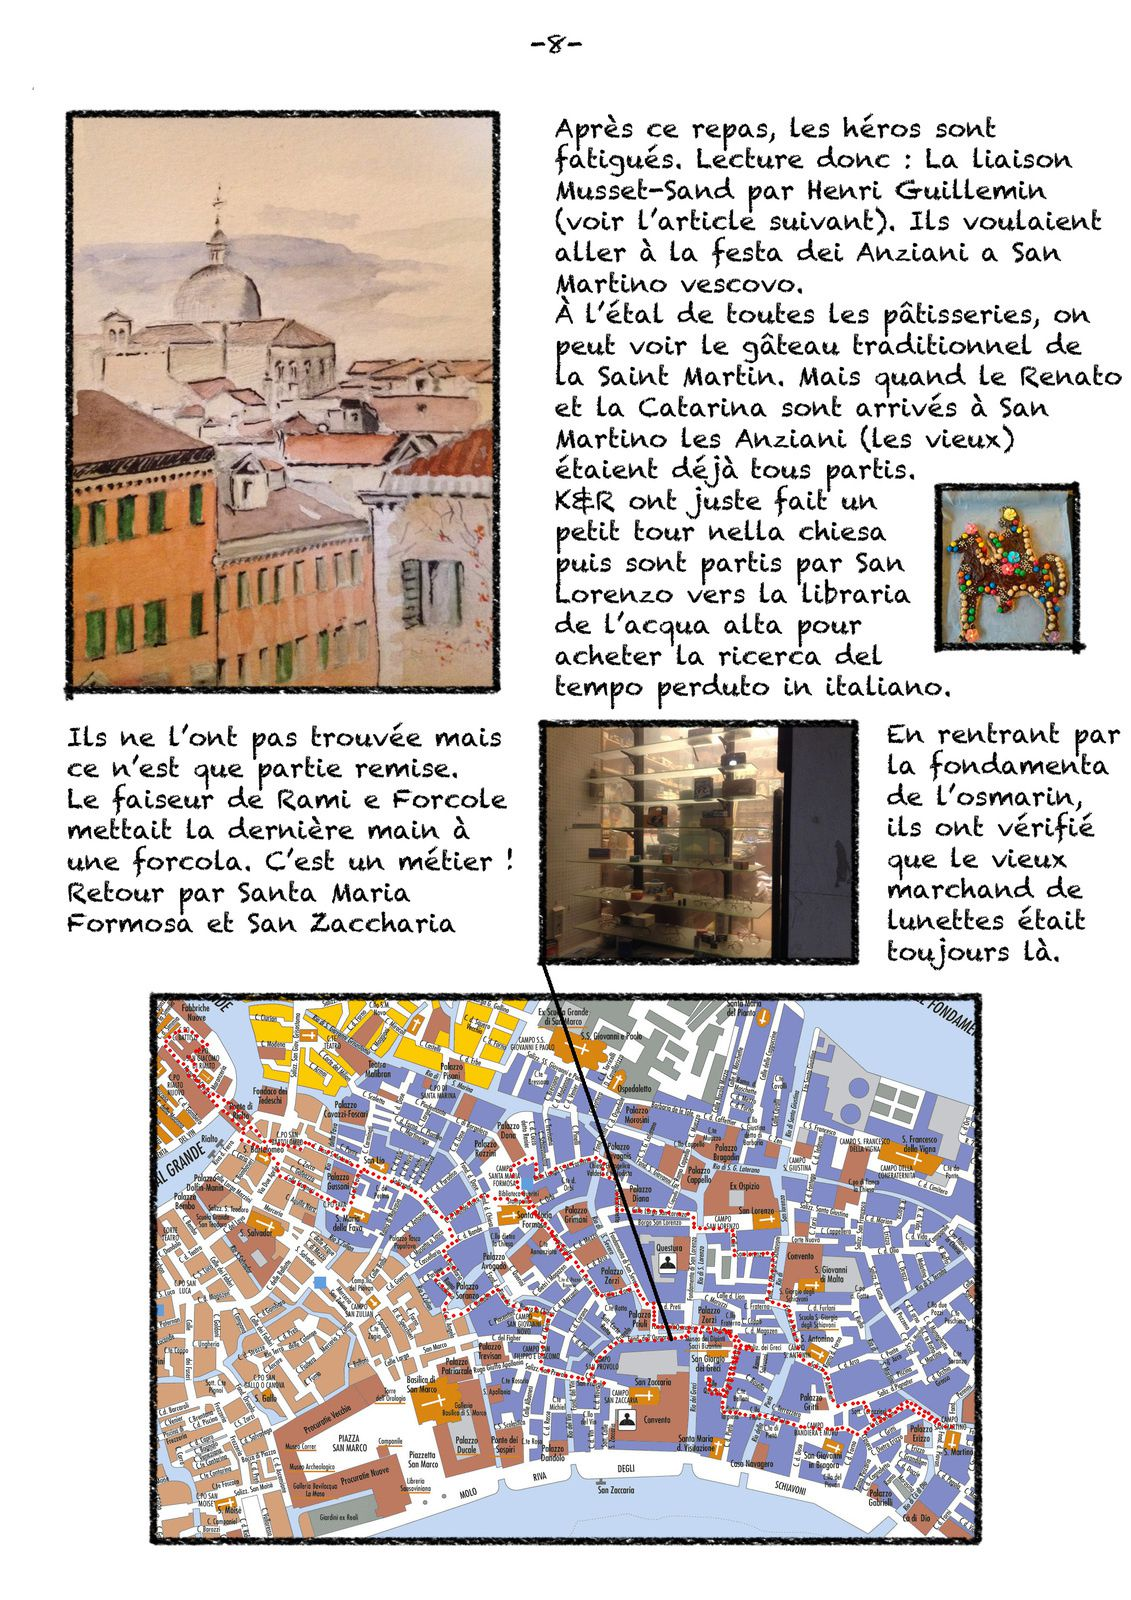 Alla ricerca della ricerca - Venise, suite